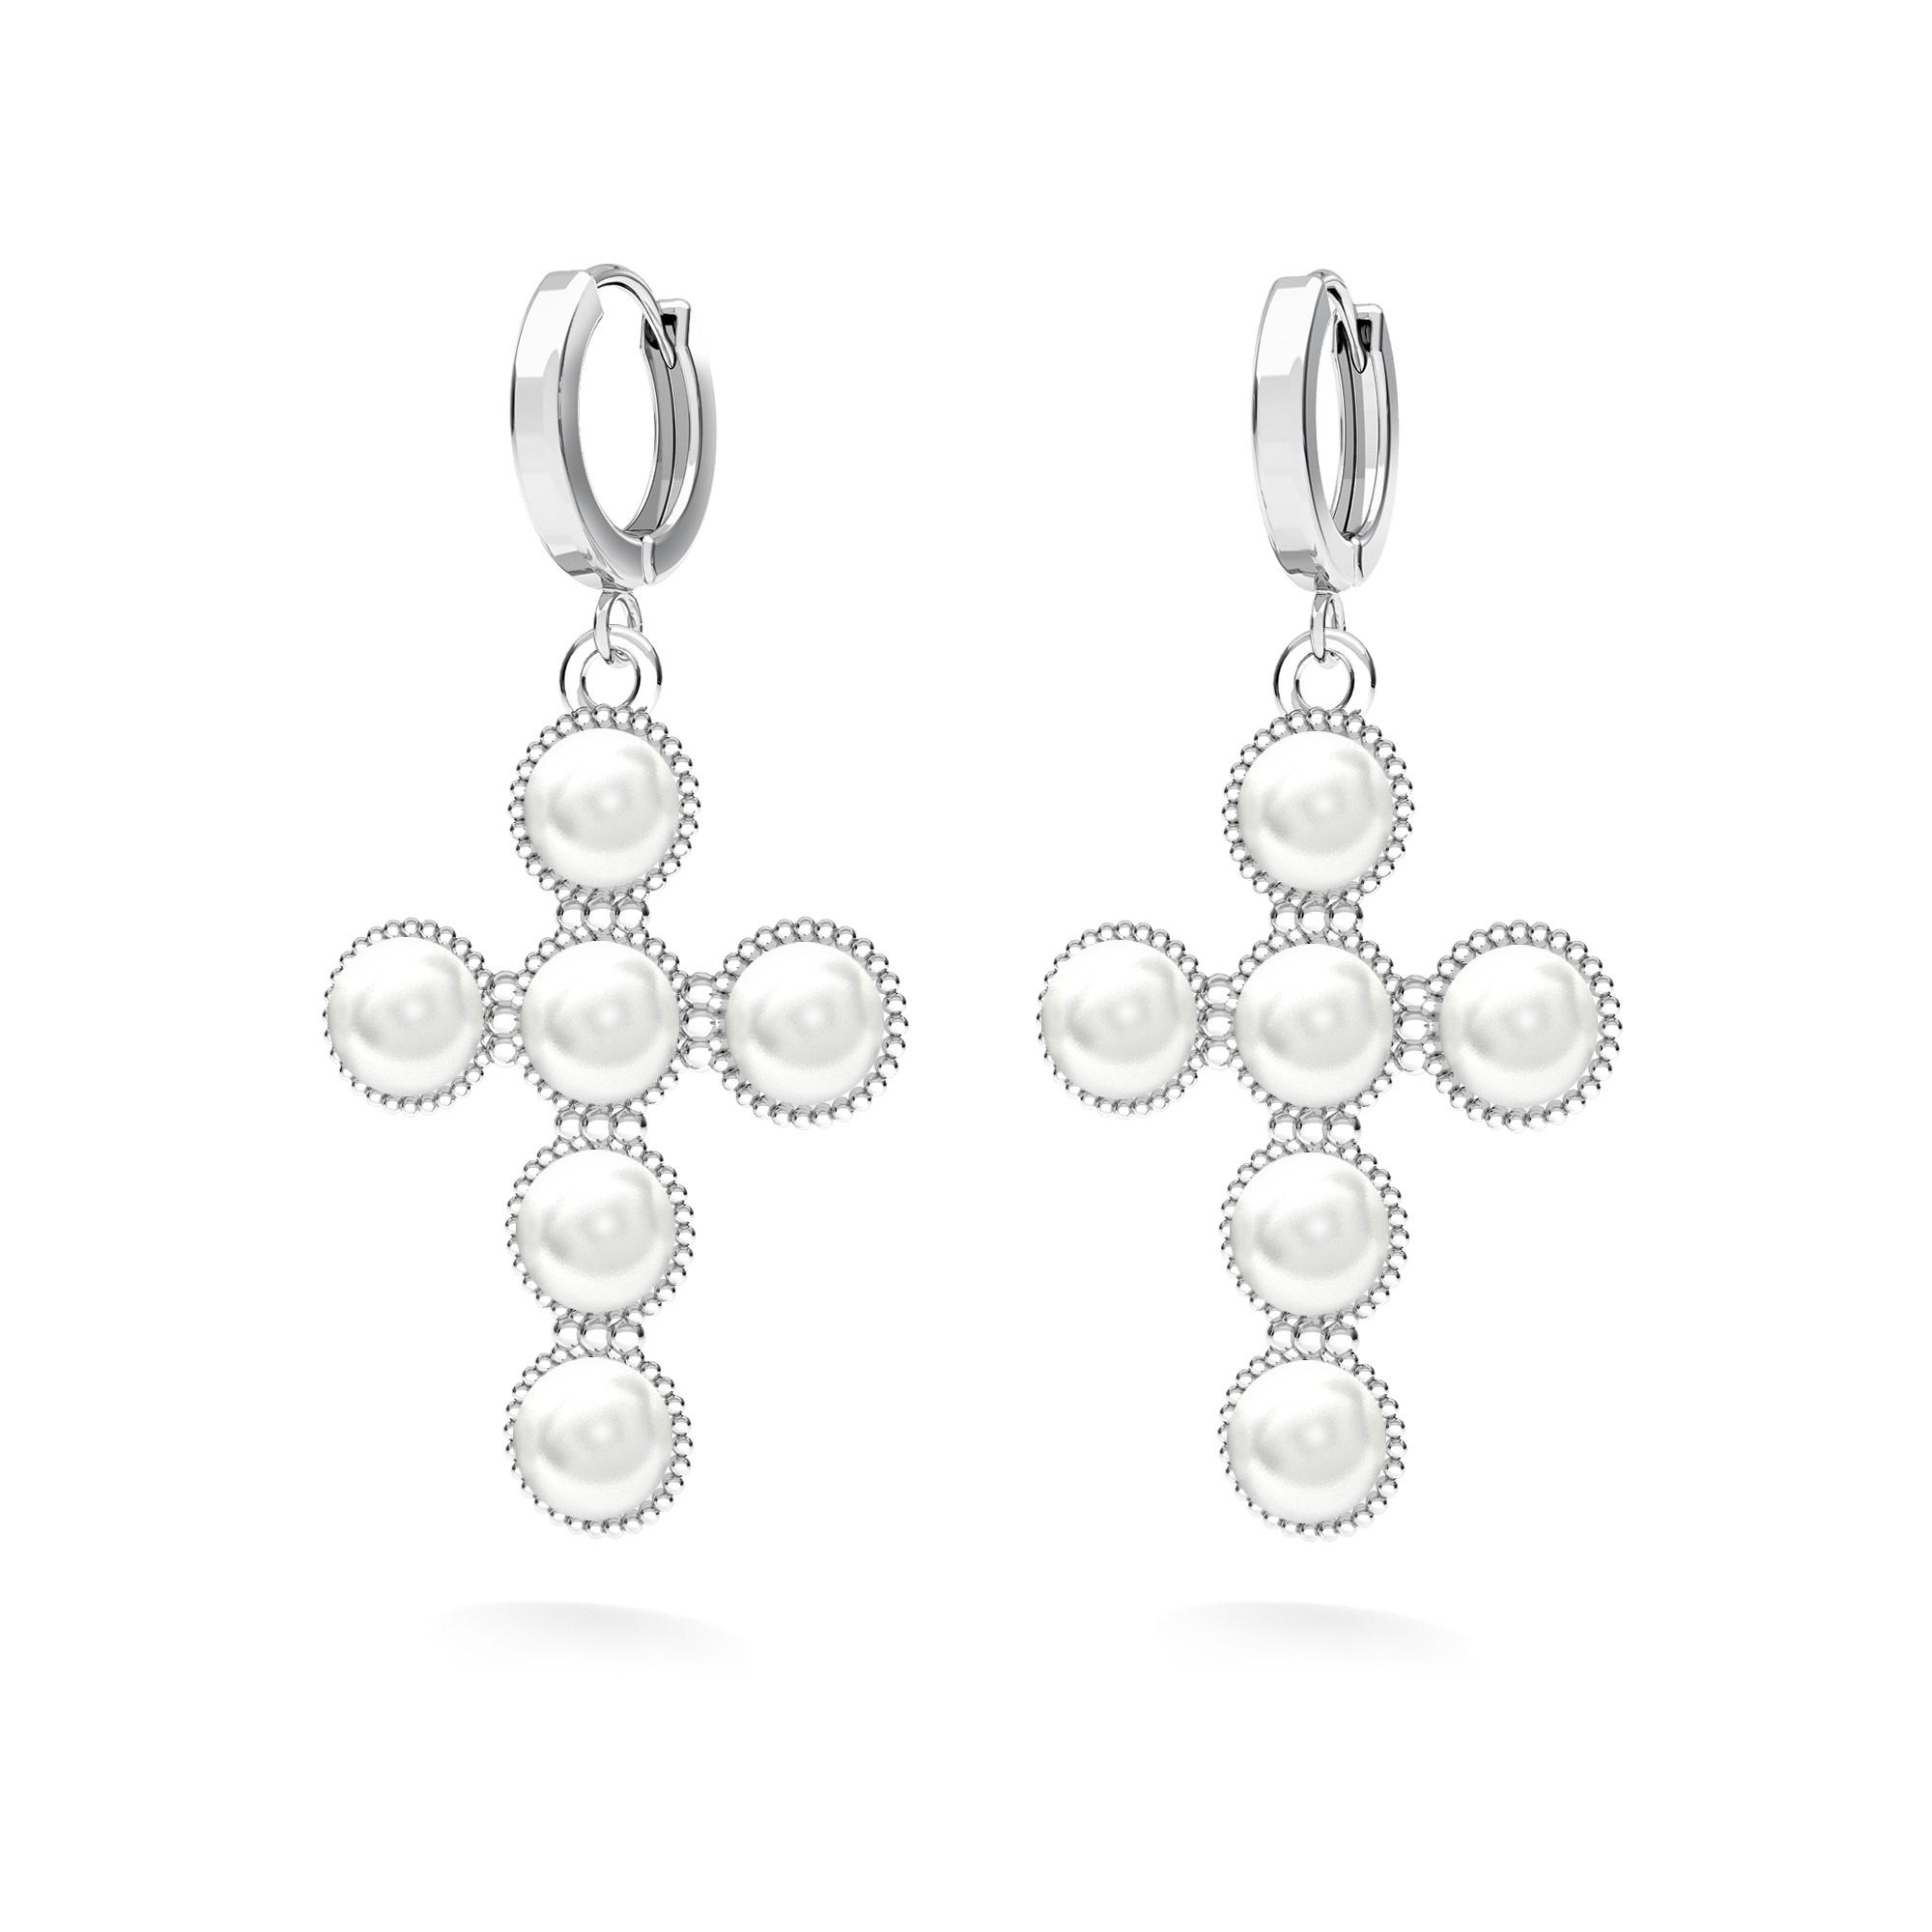 Colgante cruzar con swarovski perle plata 925